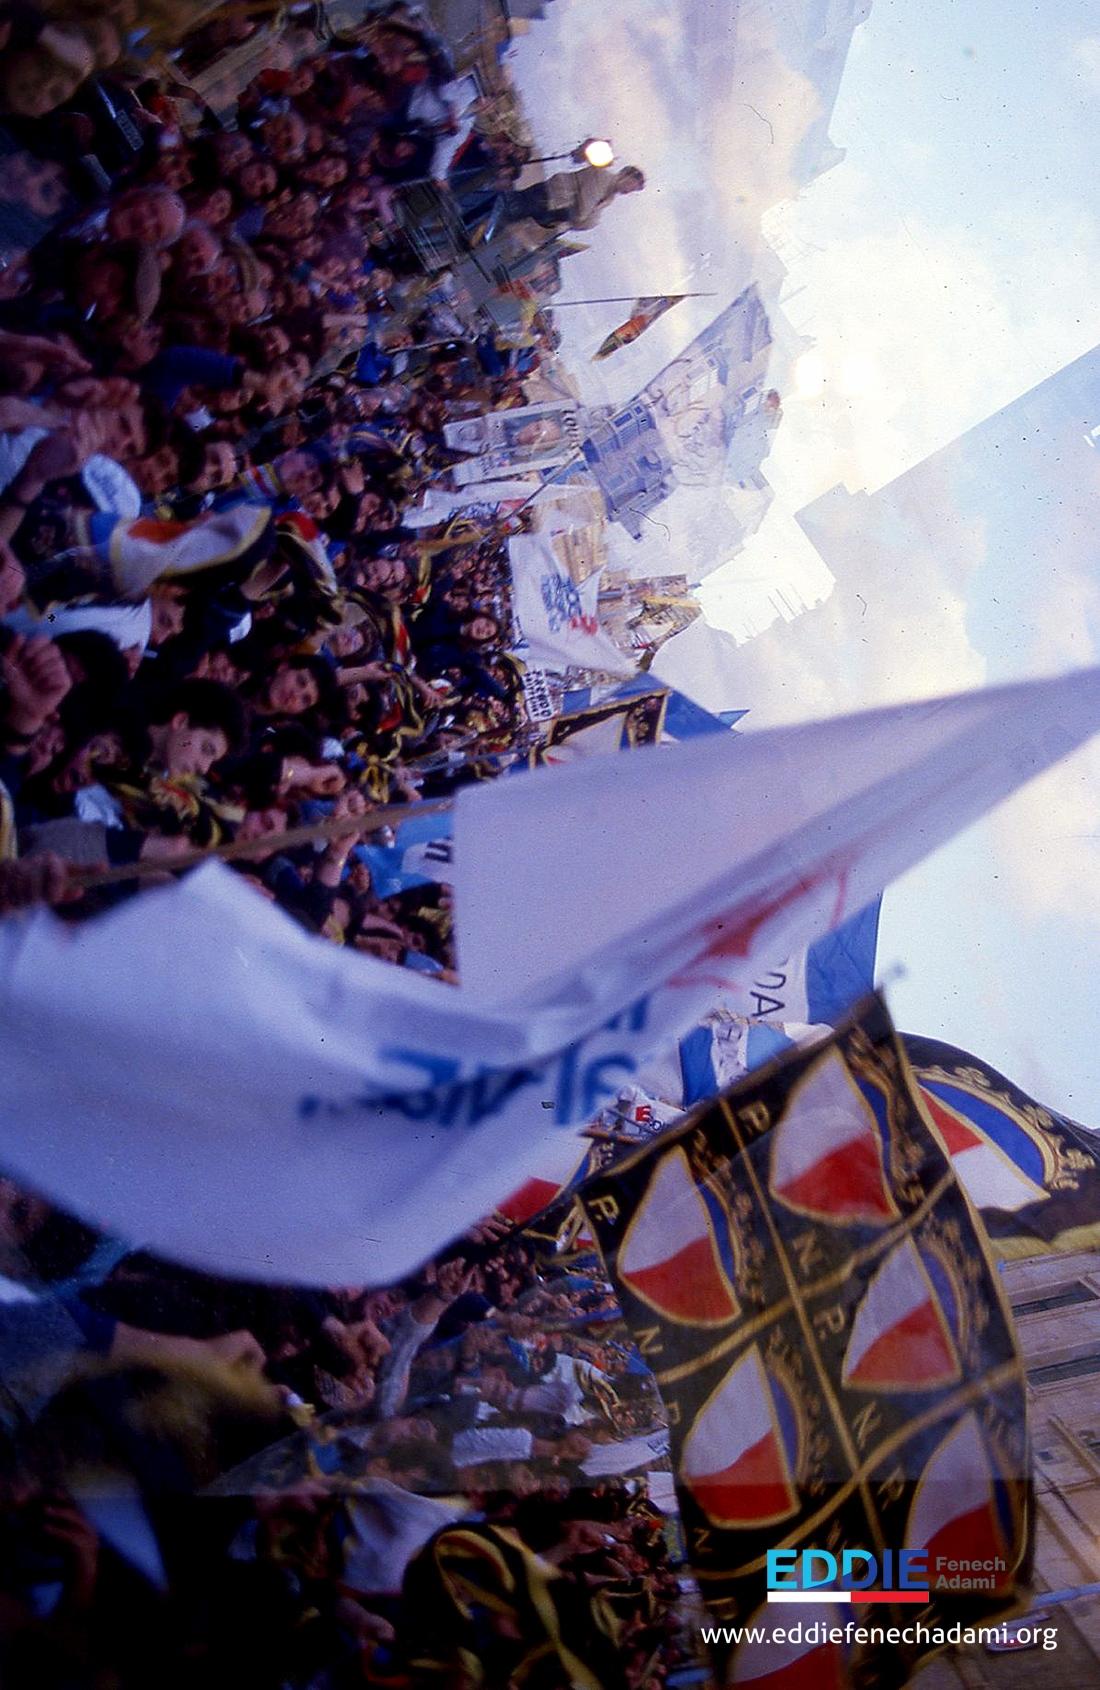 www.eddiefenechadami.org0164